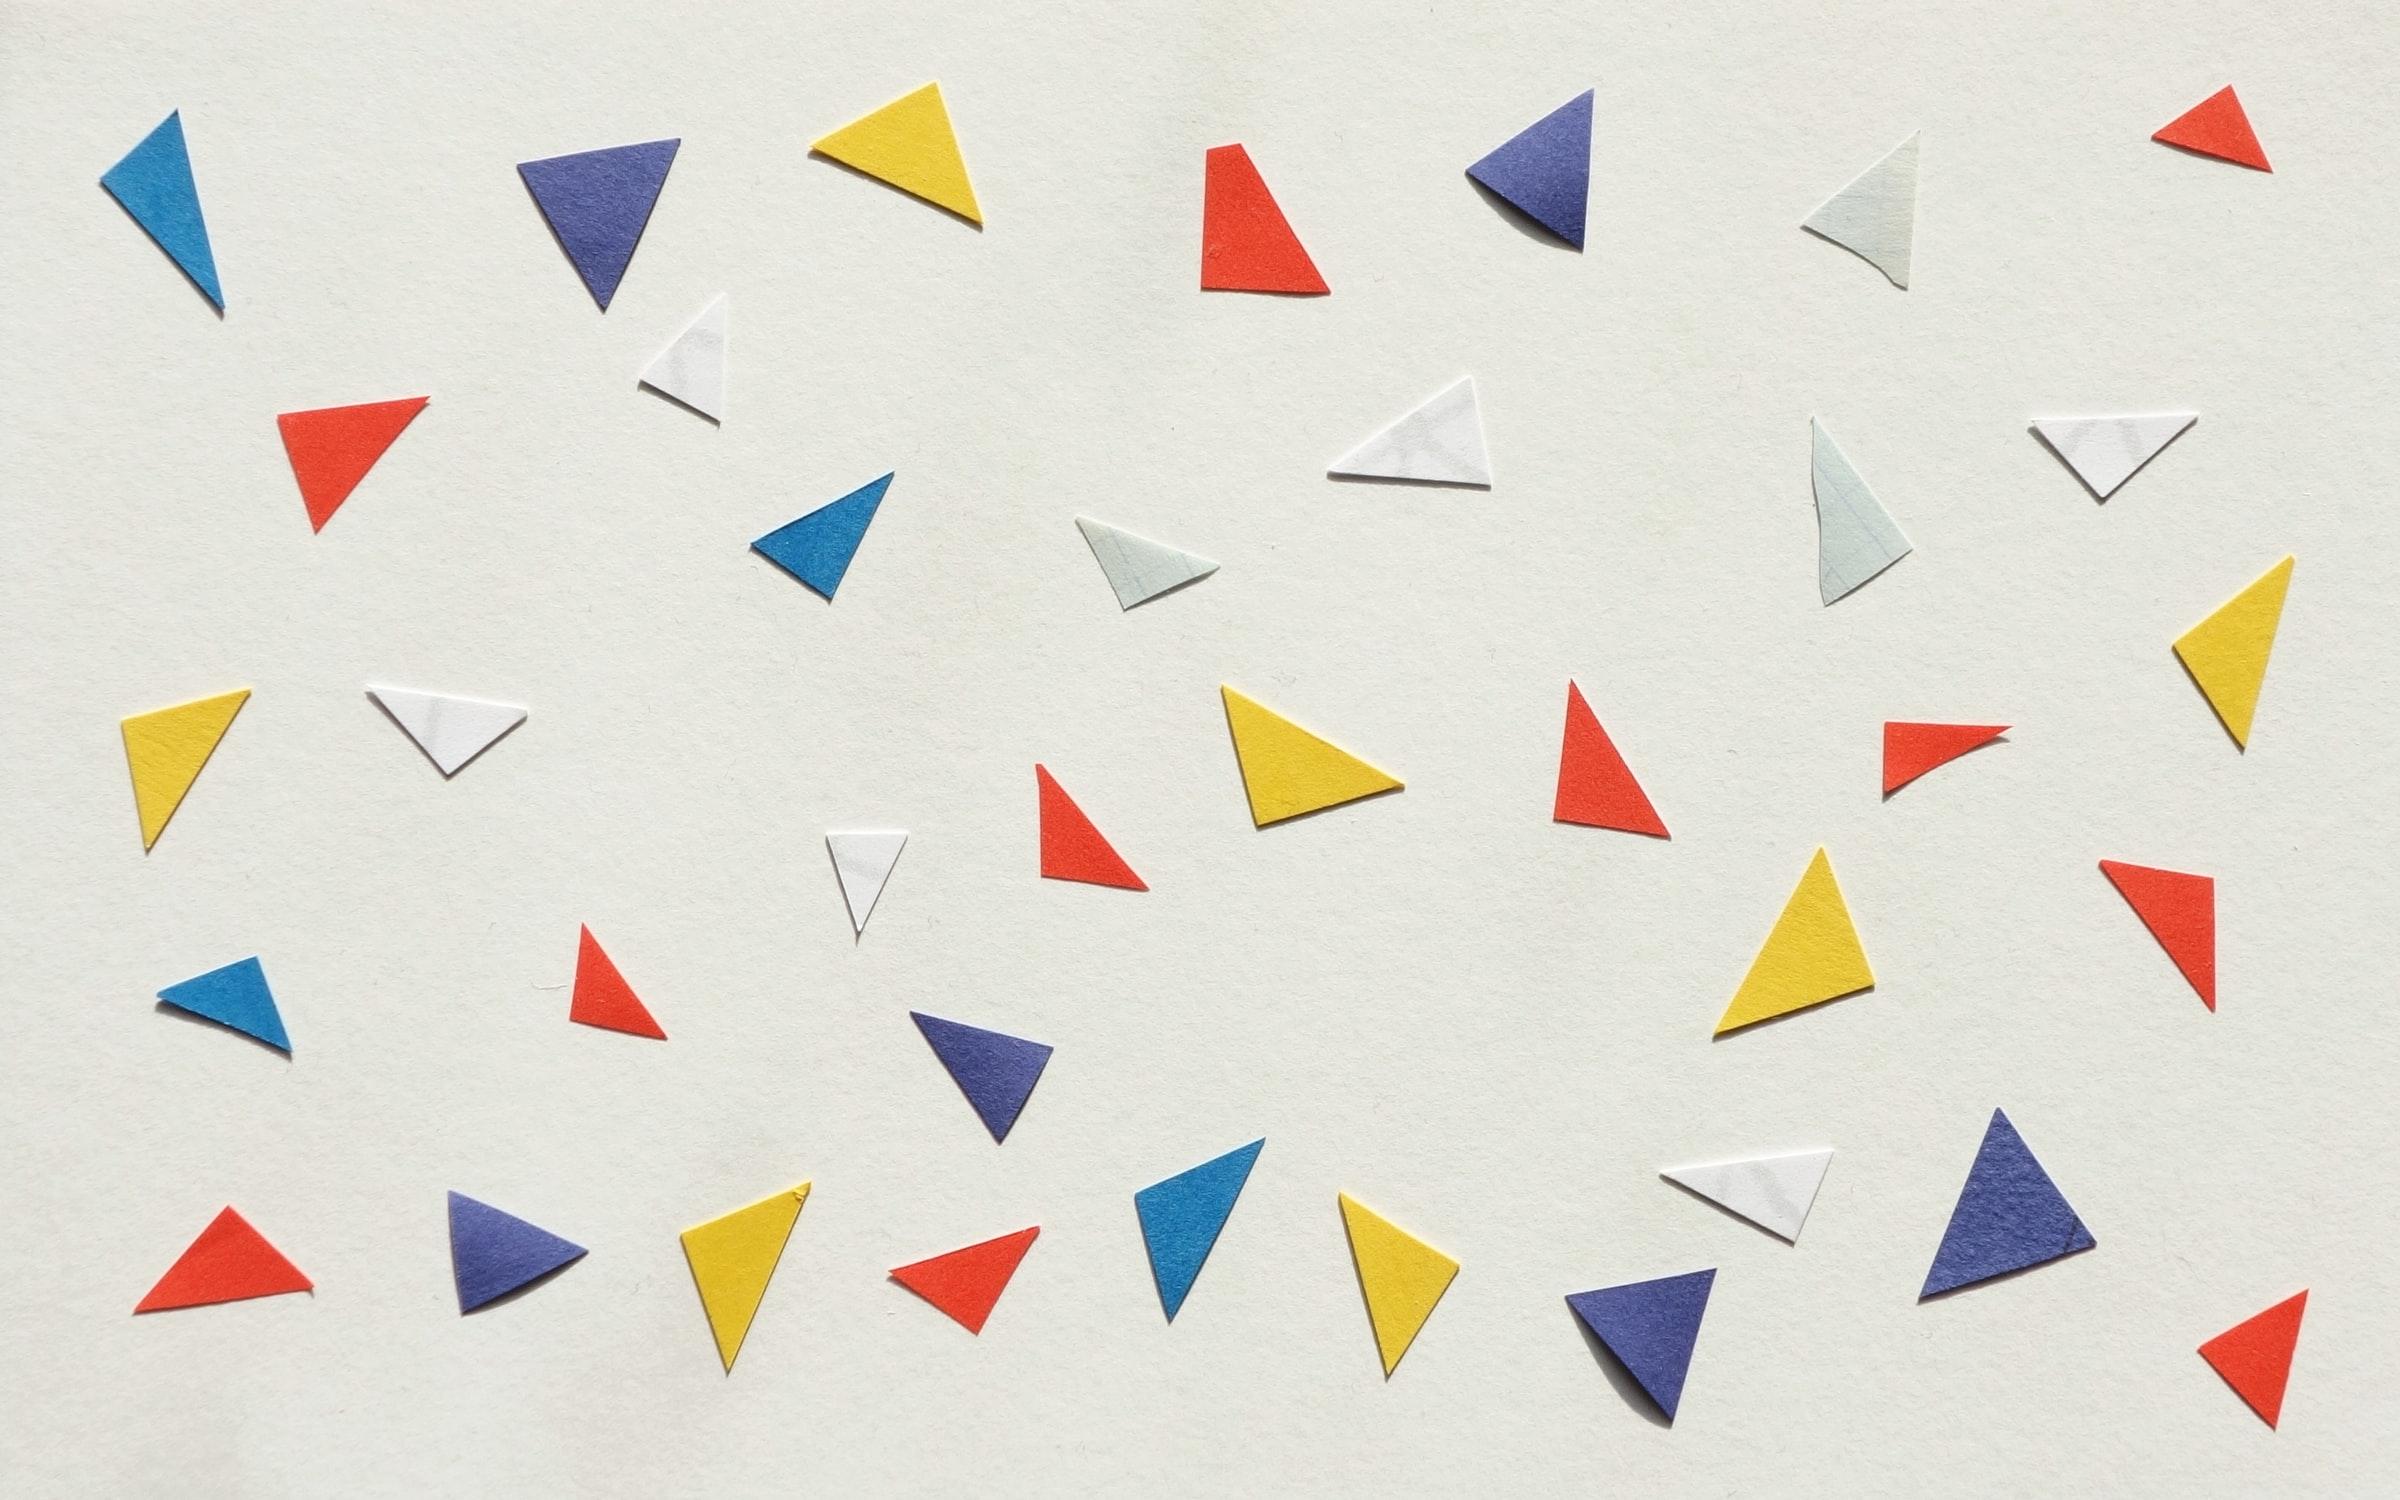 Triangolini di carta colorati